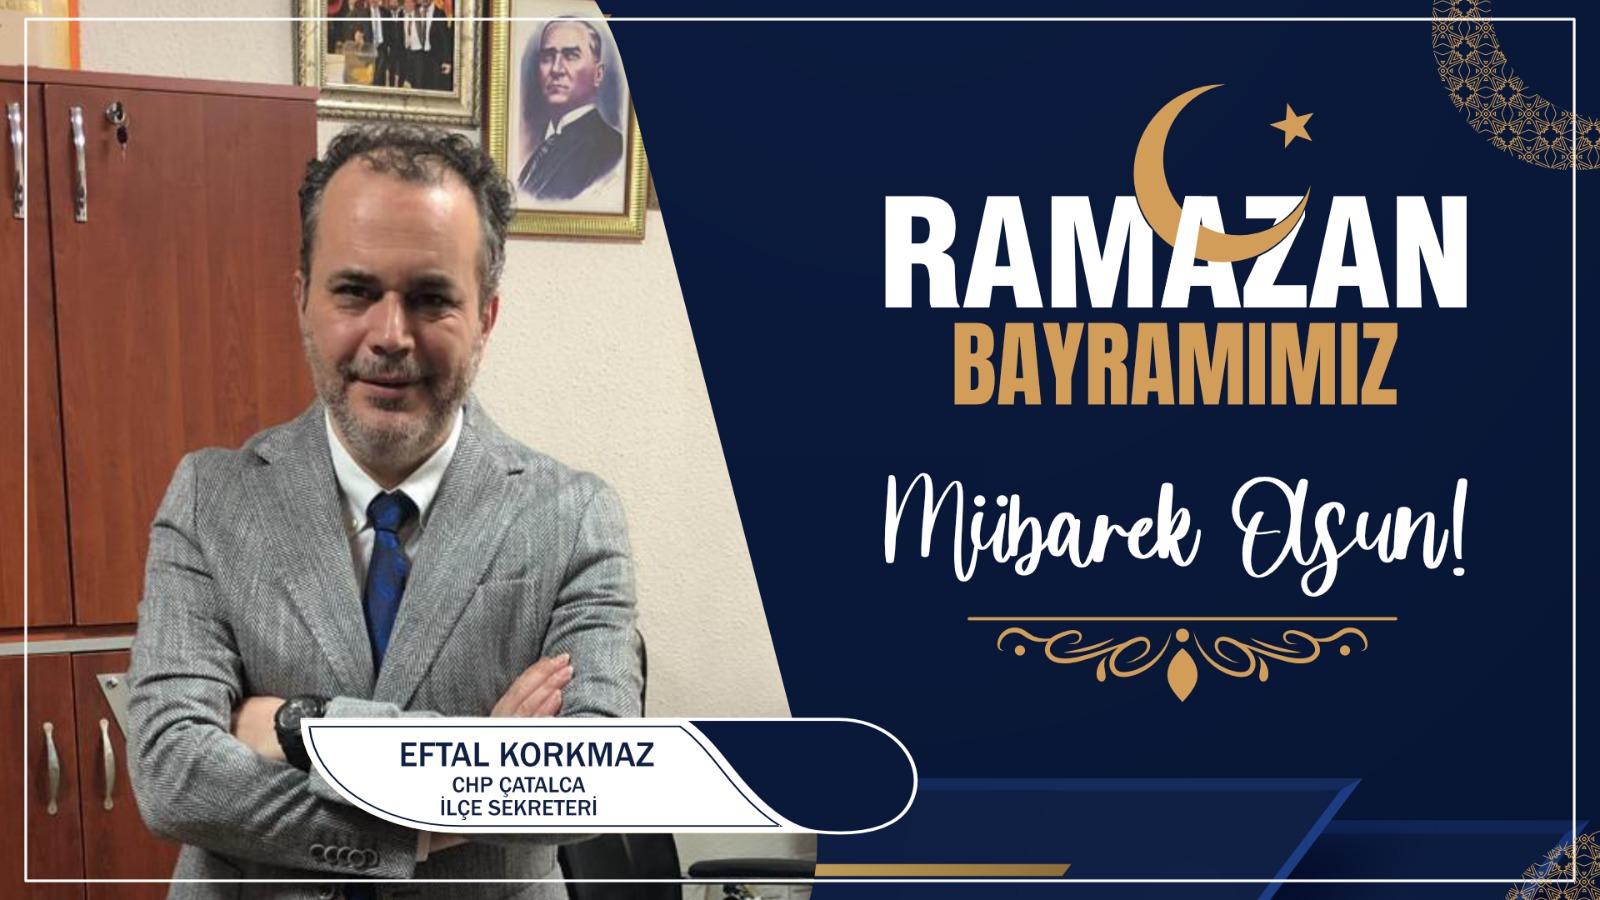 Eftal Korkmaz'dan Ramazan Bayramı Kutlama Mesajı